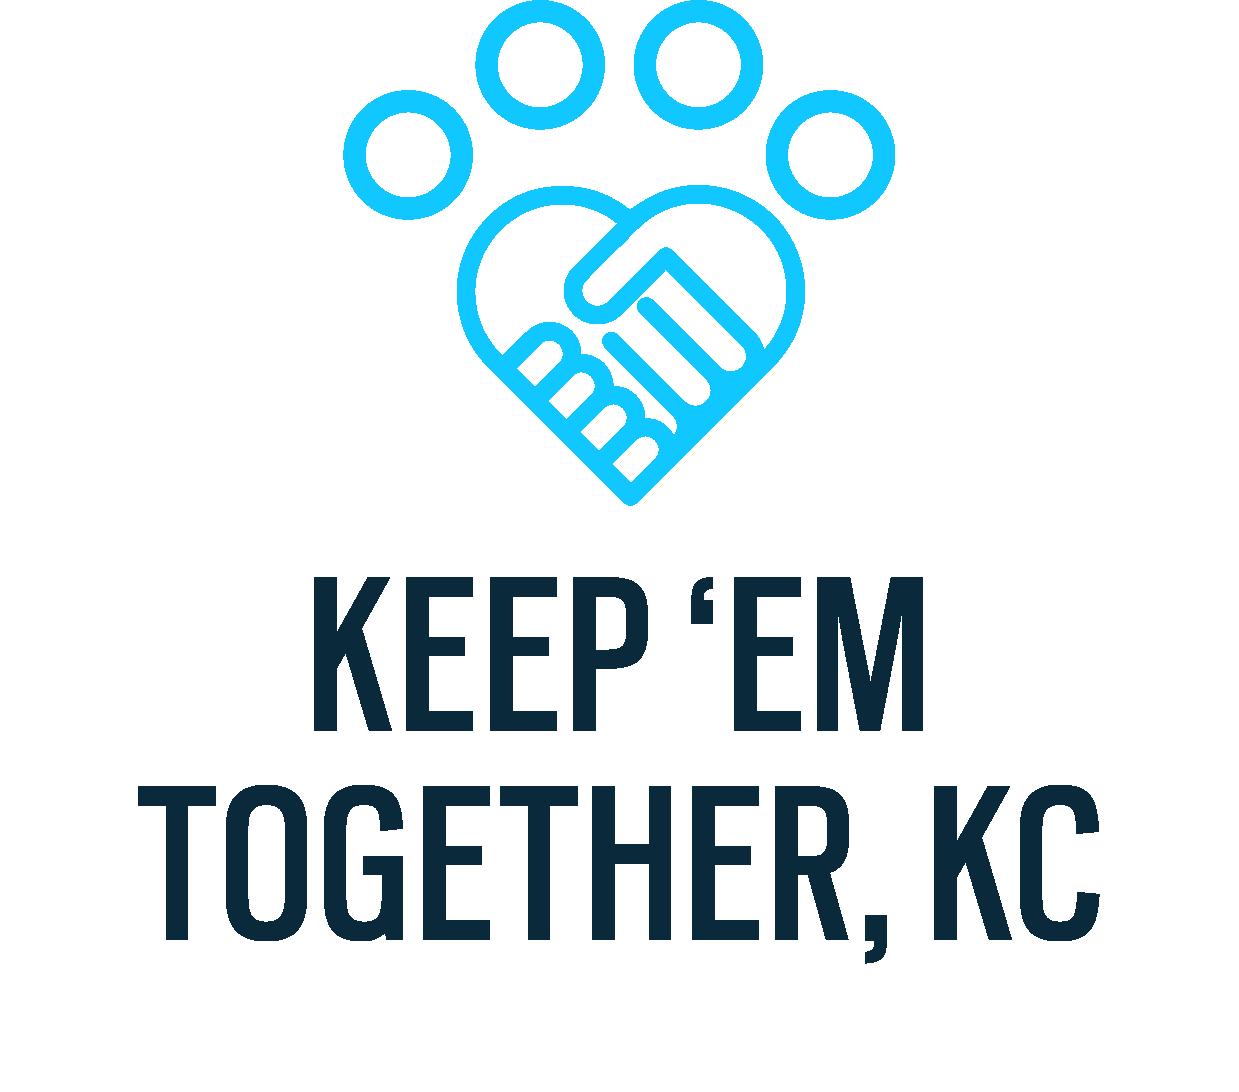 keep em together logo